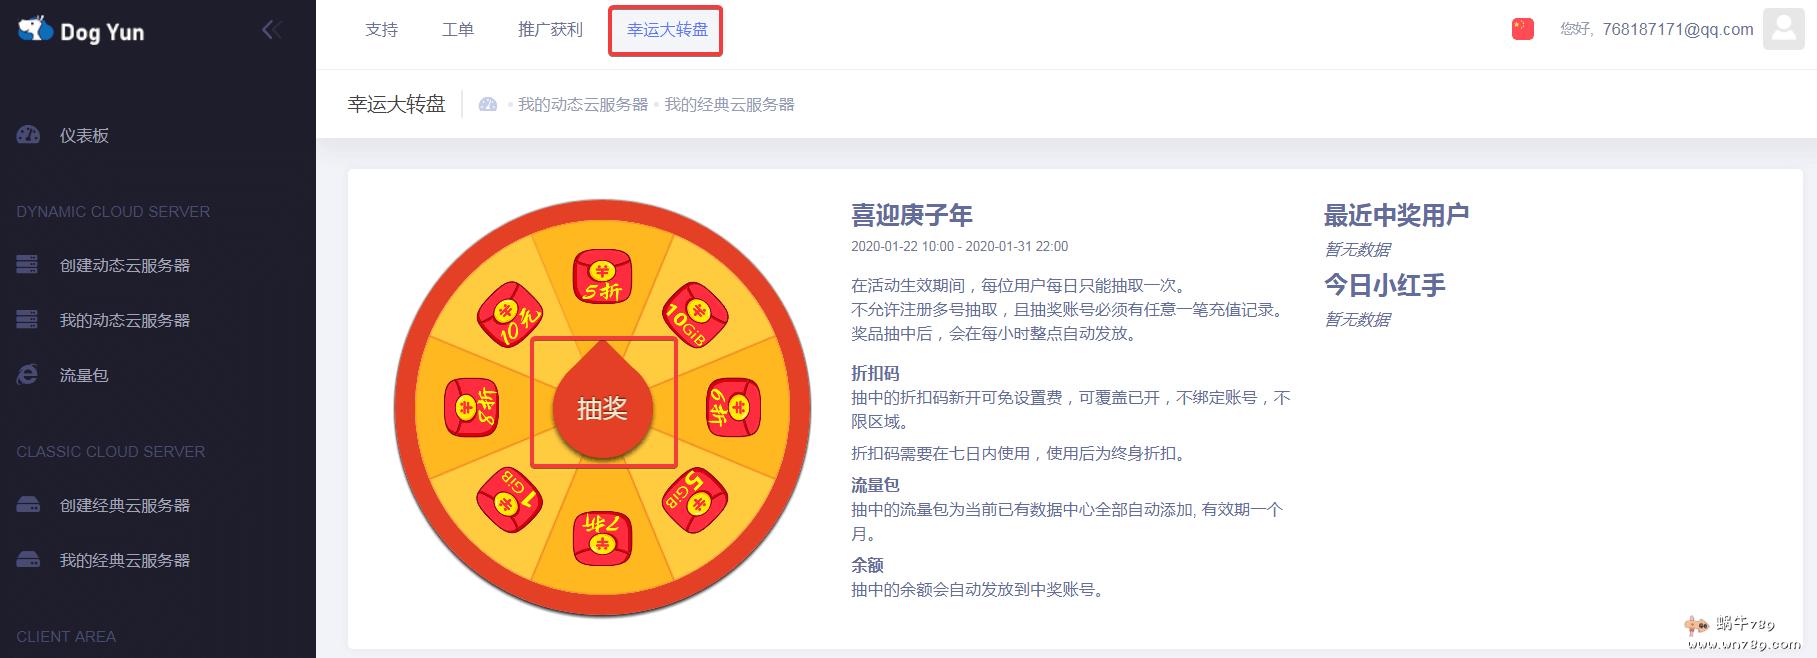 狗云DogYun新春抽奖活动,每日100%抽余额/优惠码/流量包,按小时计费云服务器插图